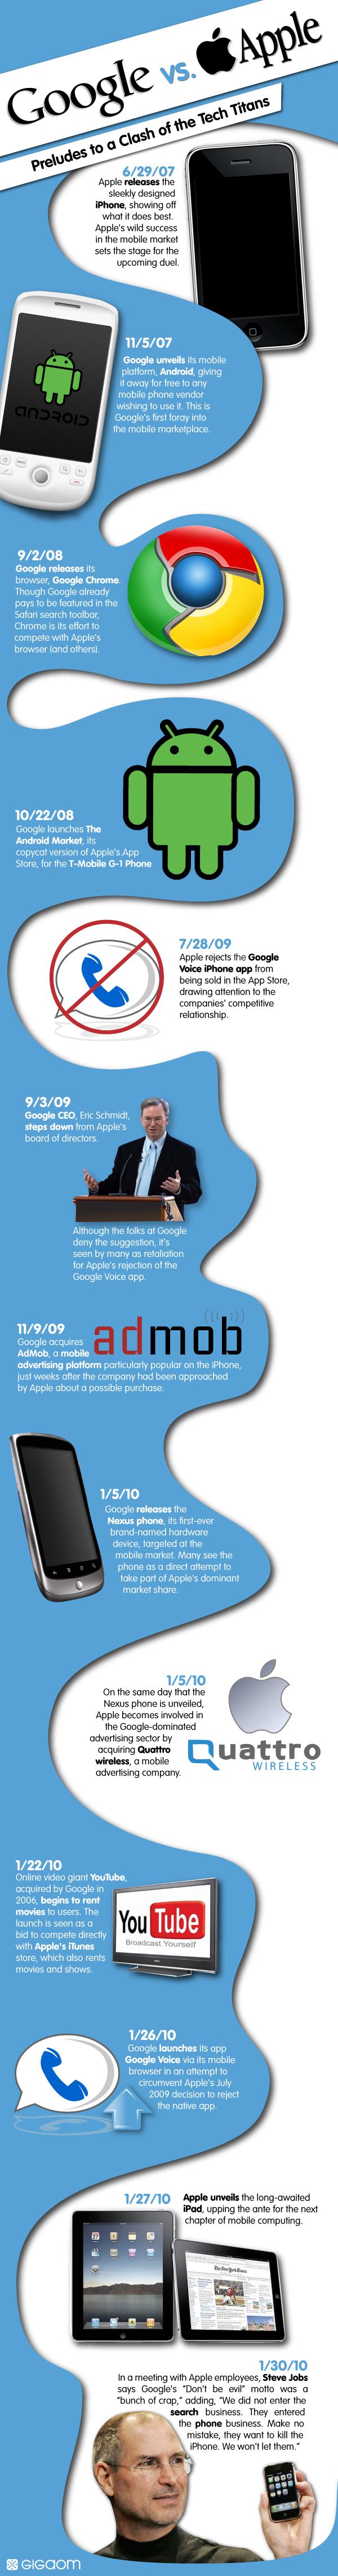 ศึกของบริษัทใหญ่ Google vs. Apple